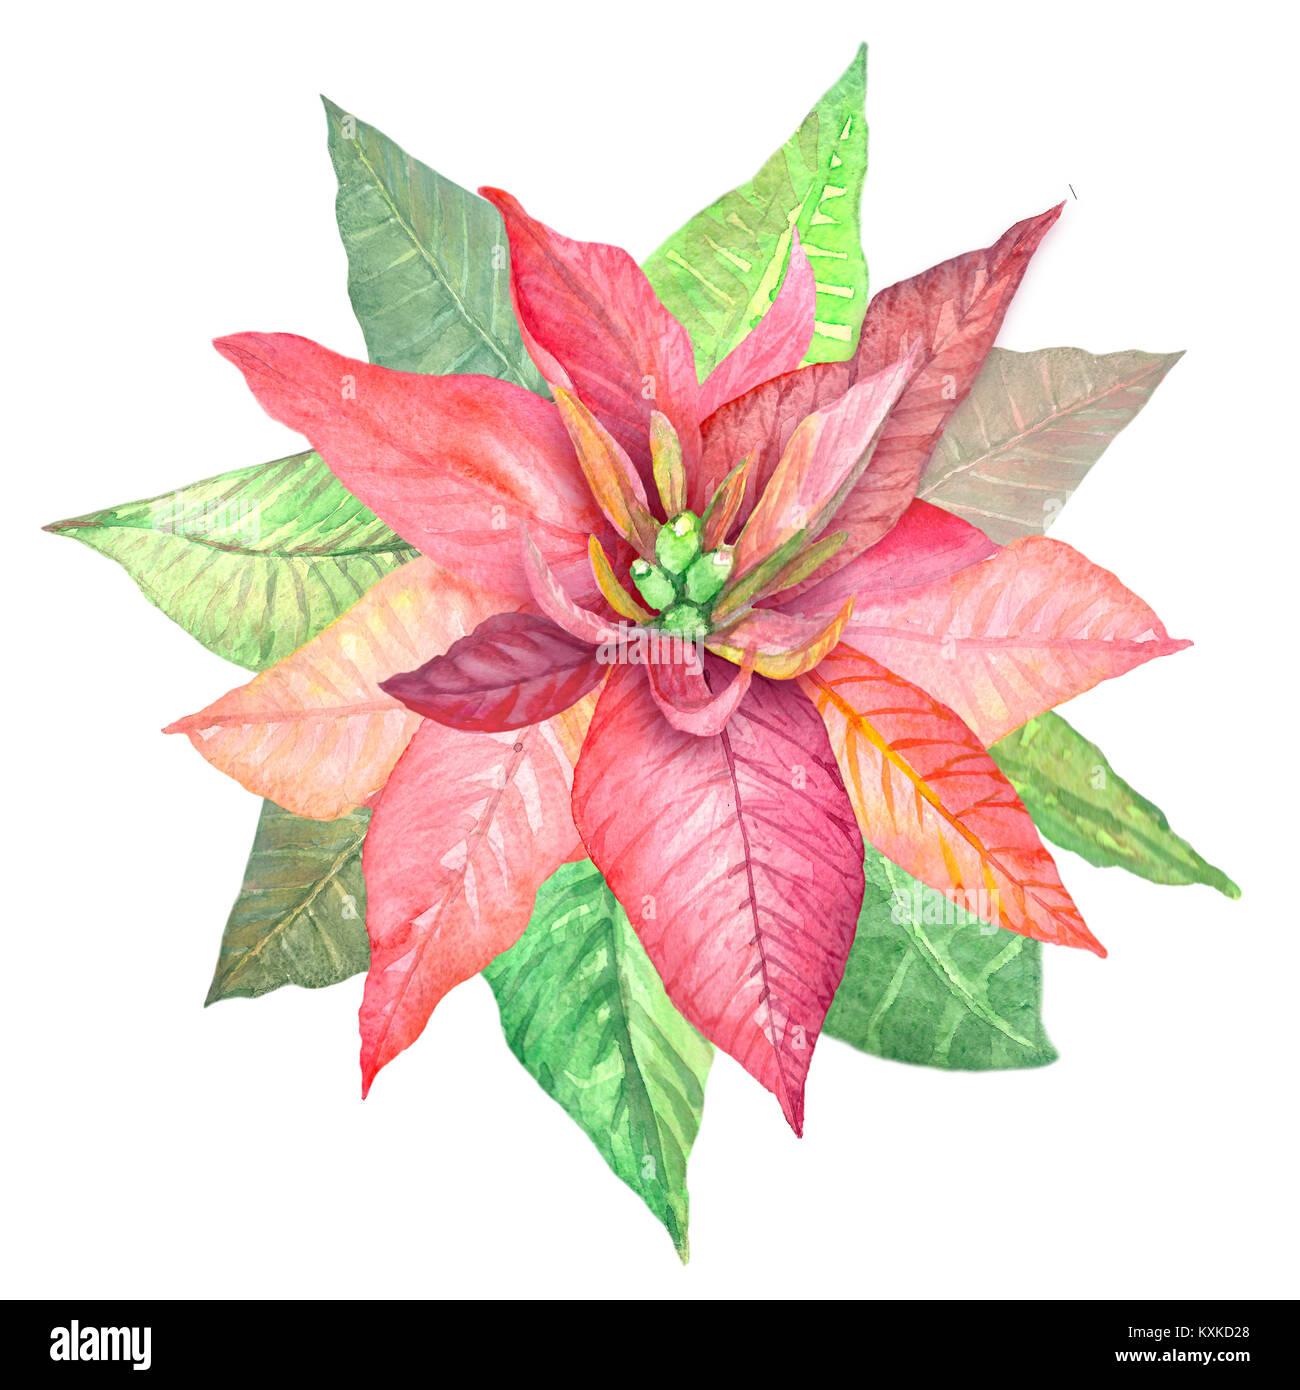 Aquarelle Fleurs Poinsettia Illustration De Plantes Botaniques